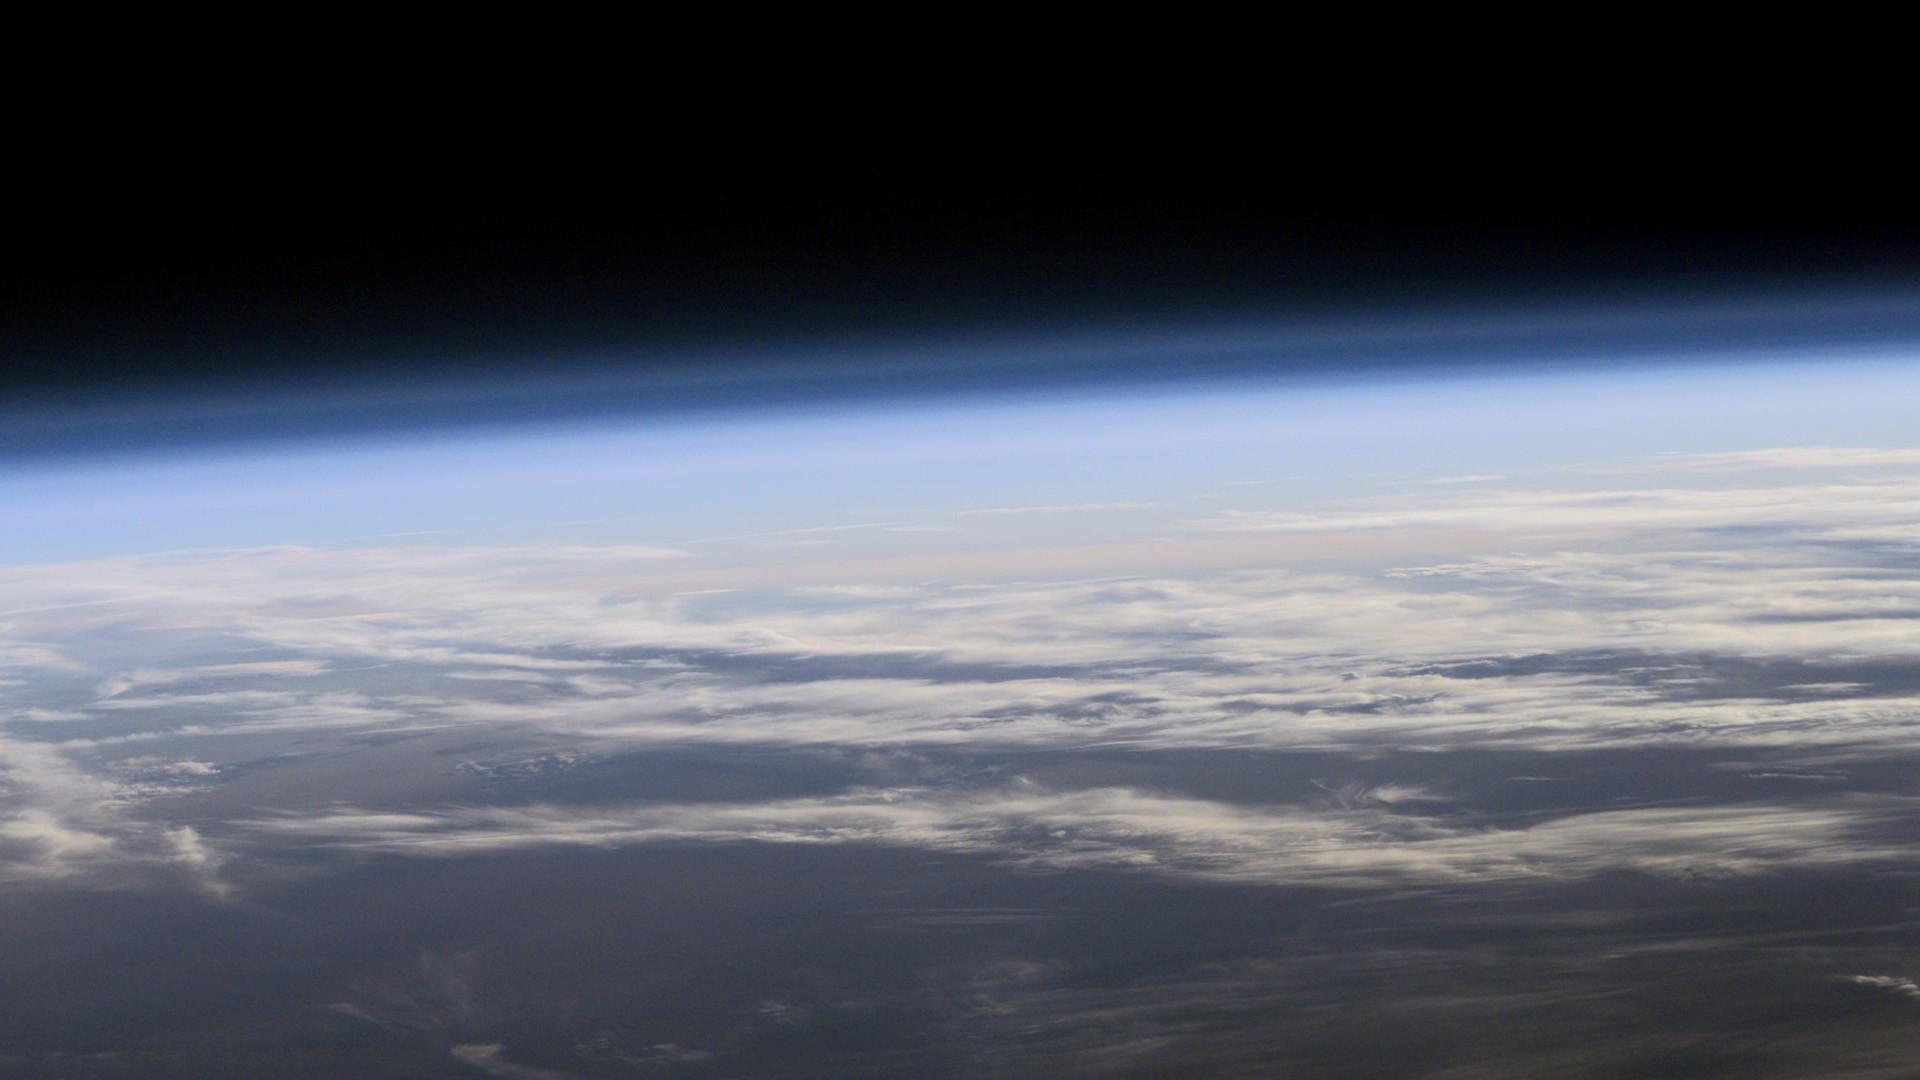 Medição de satélite constata que veto ao CFC está de fato ajudando a proteger a camada de ozônio